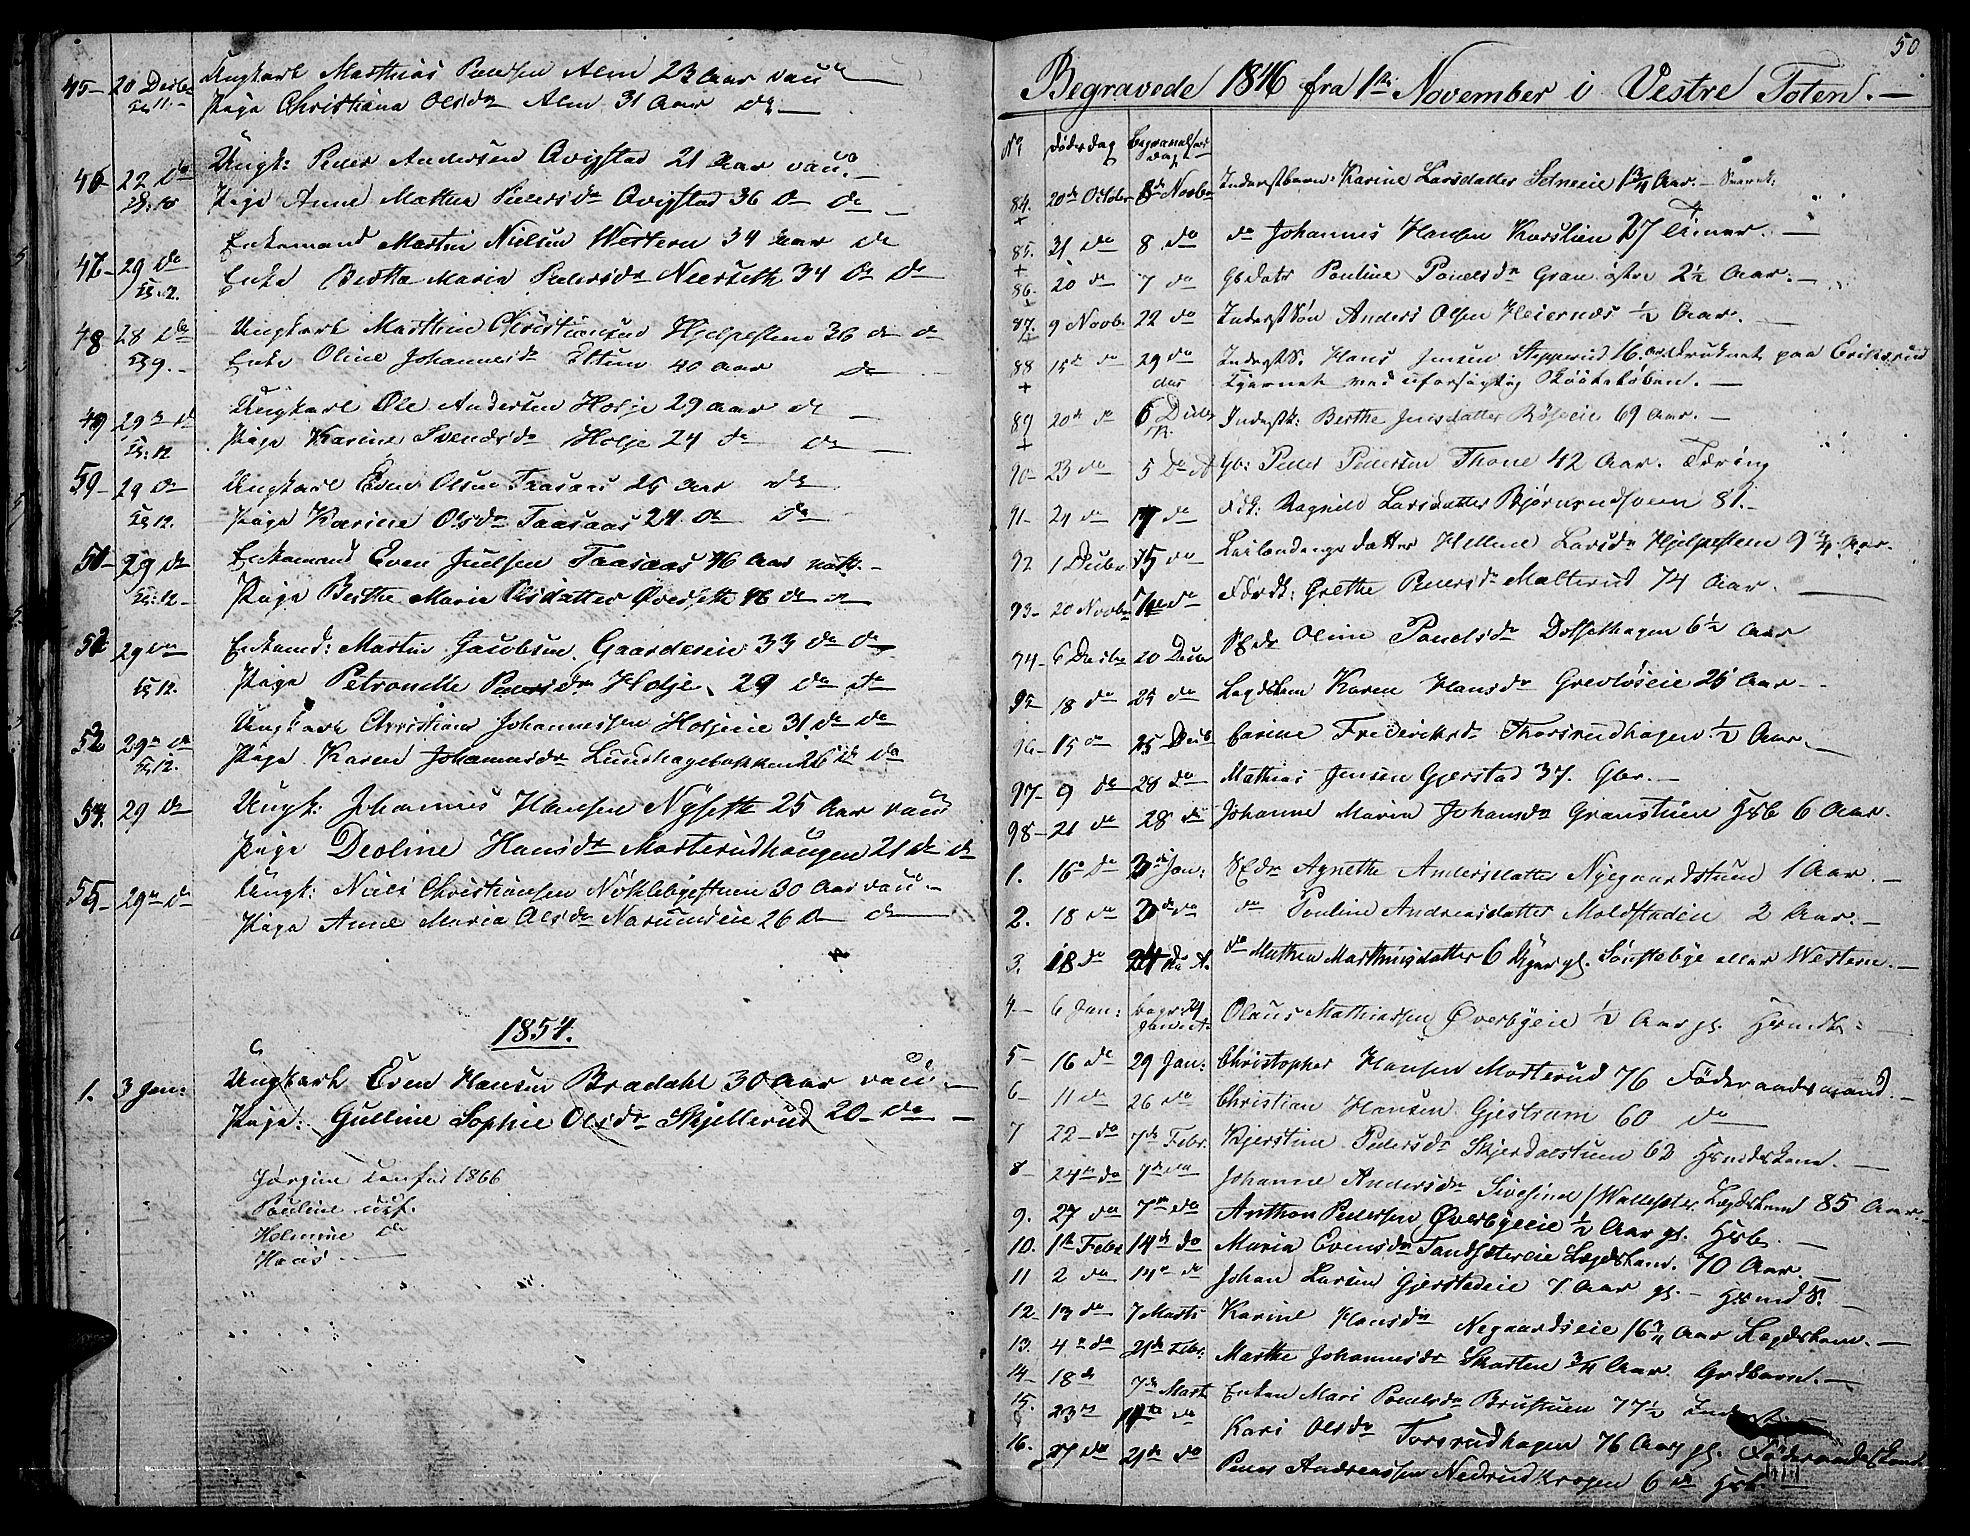 SAH, Vestre Toten prestekontor, Klokkerbok nr. 3, 1846-1854, s. 50